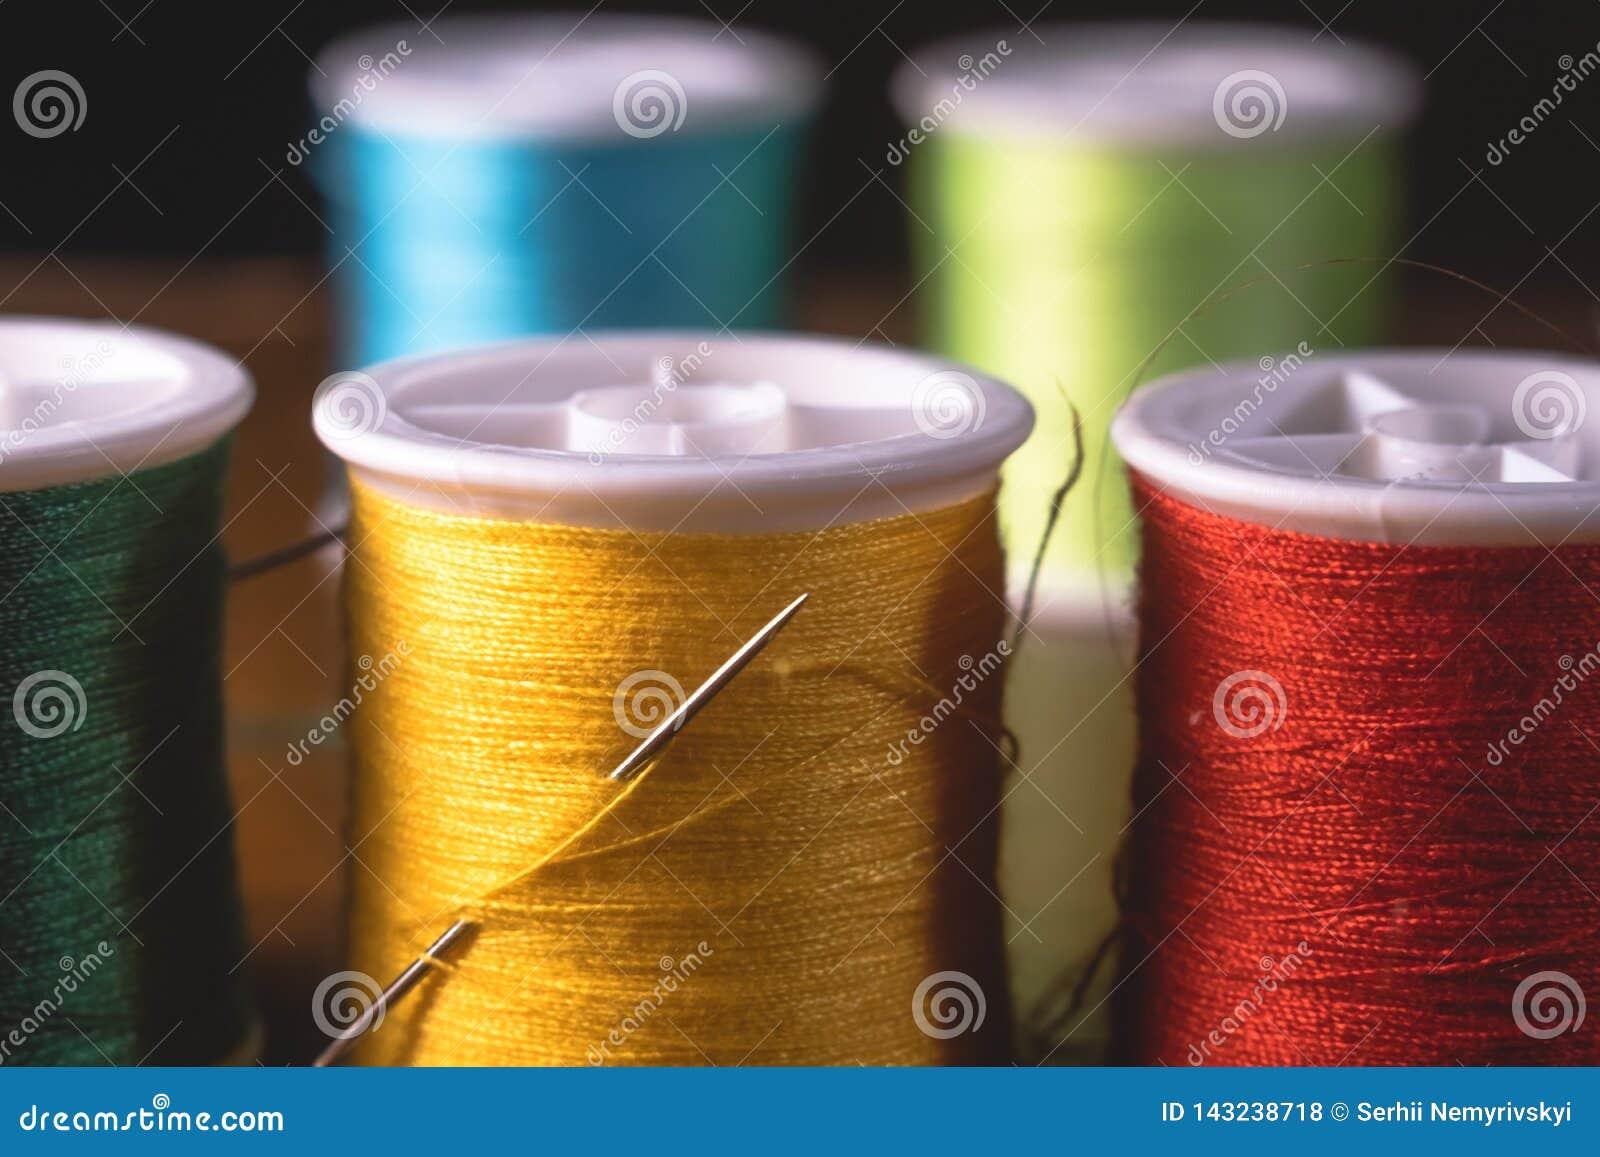 被弄脏的生动的颜色螺纹片盘短管轴,工业缝合的构思设计